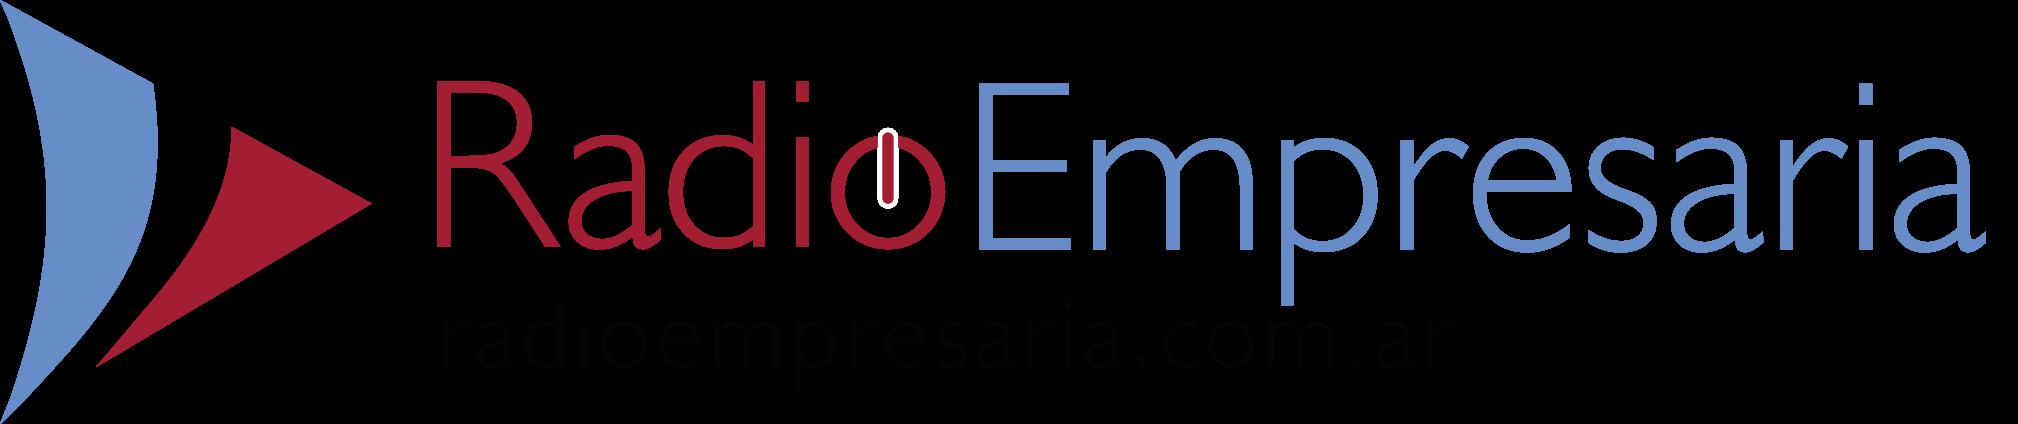 RadioEmpresaria